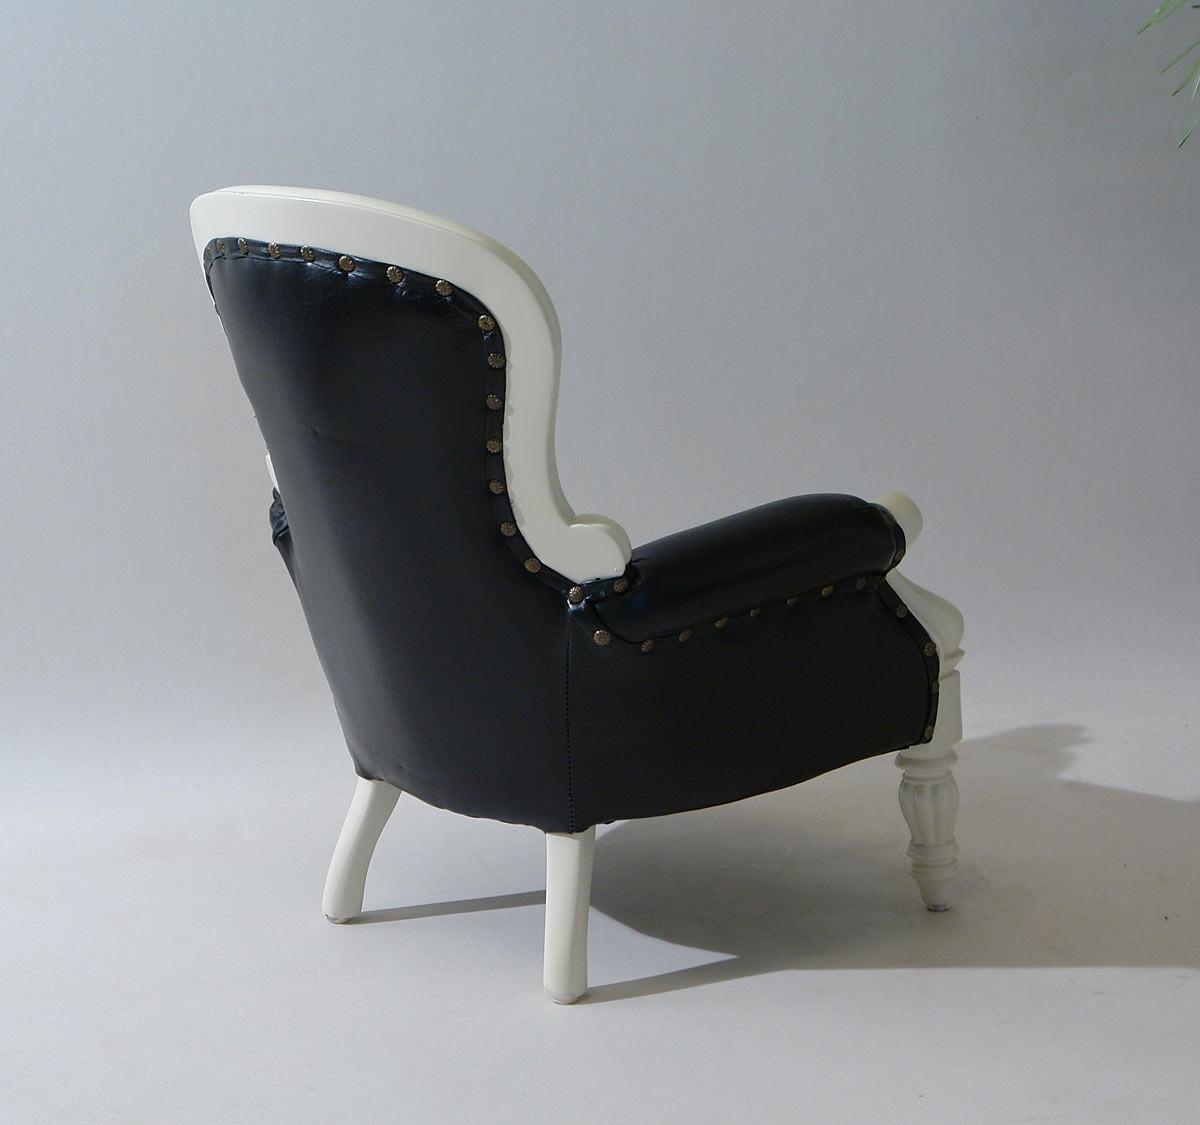 kinder sessel aus massivholz cremewei antik stil. Black Bedroom Furniture Sets. Home Design Ideas